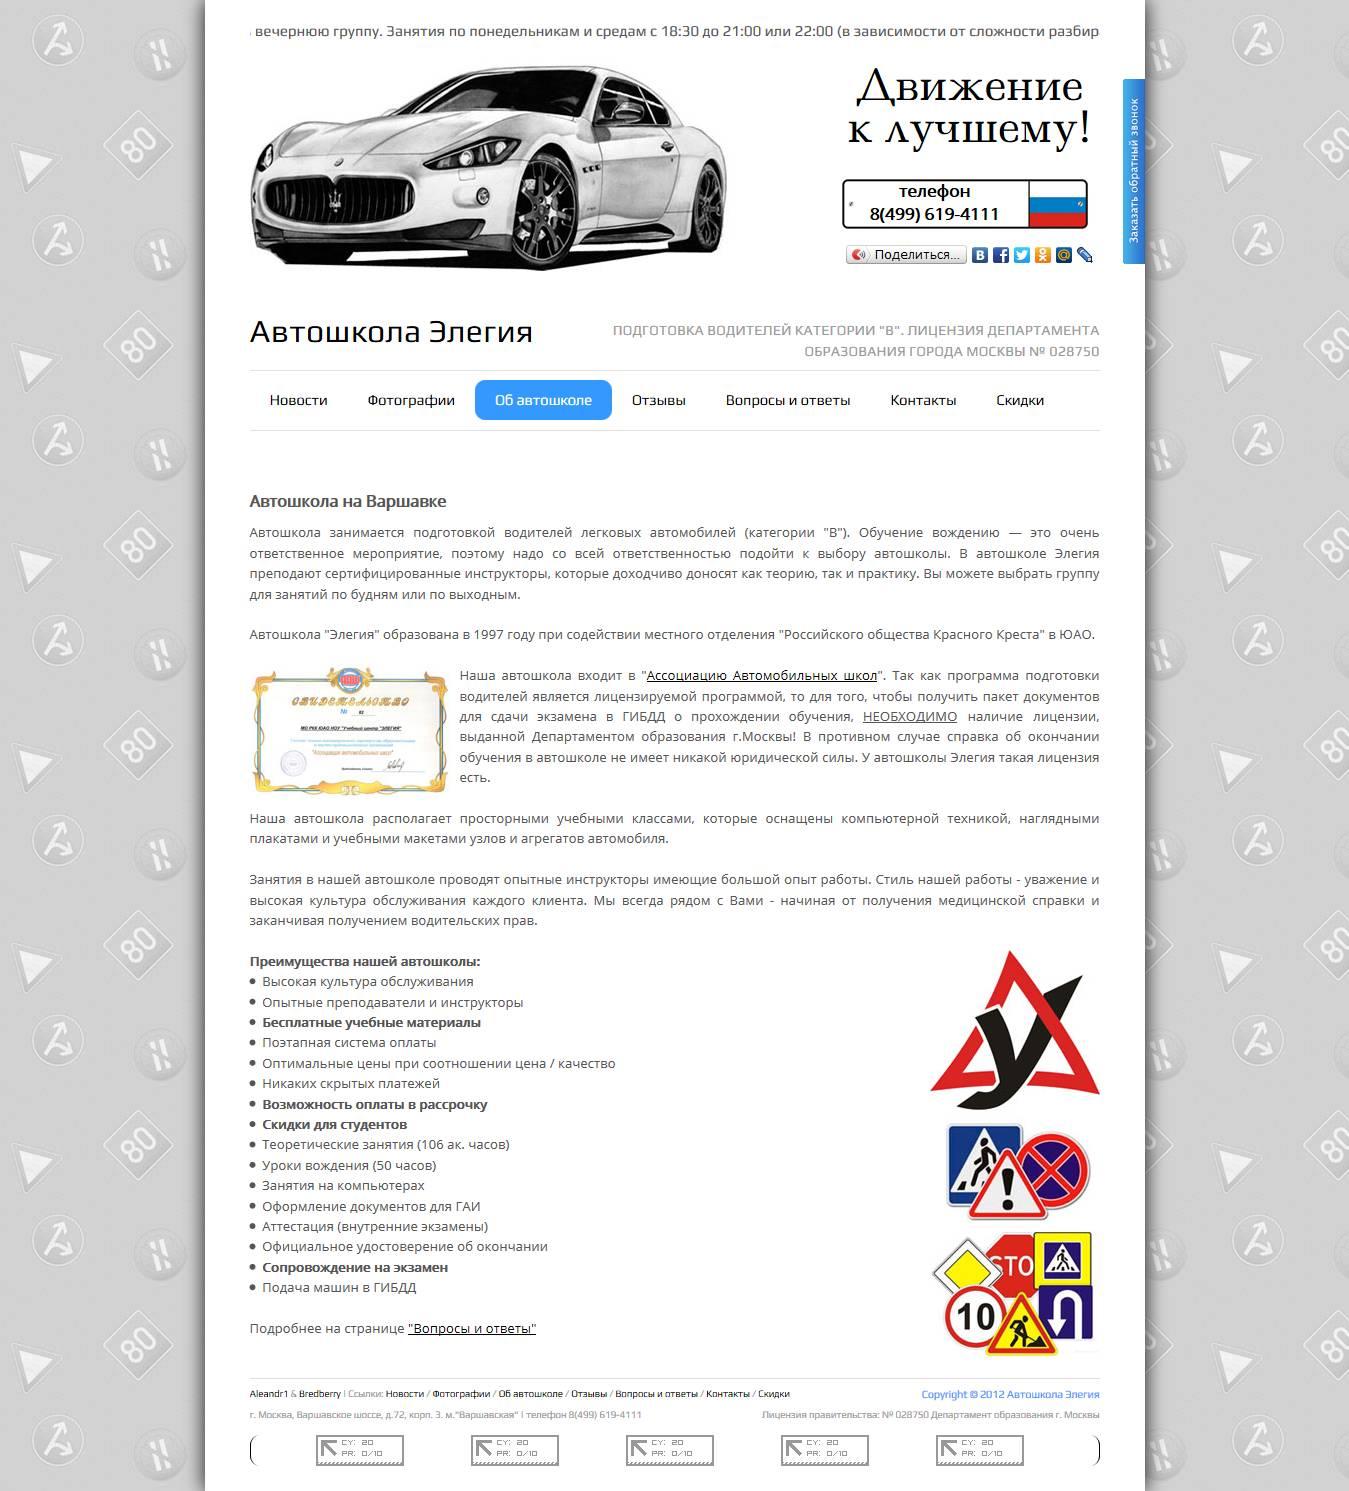 Пример сайта визитки - автошкола - главная страница